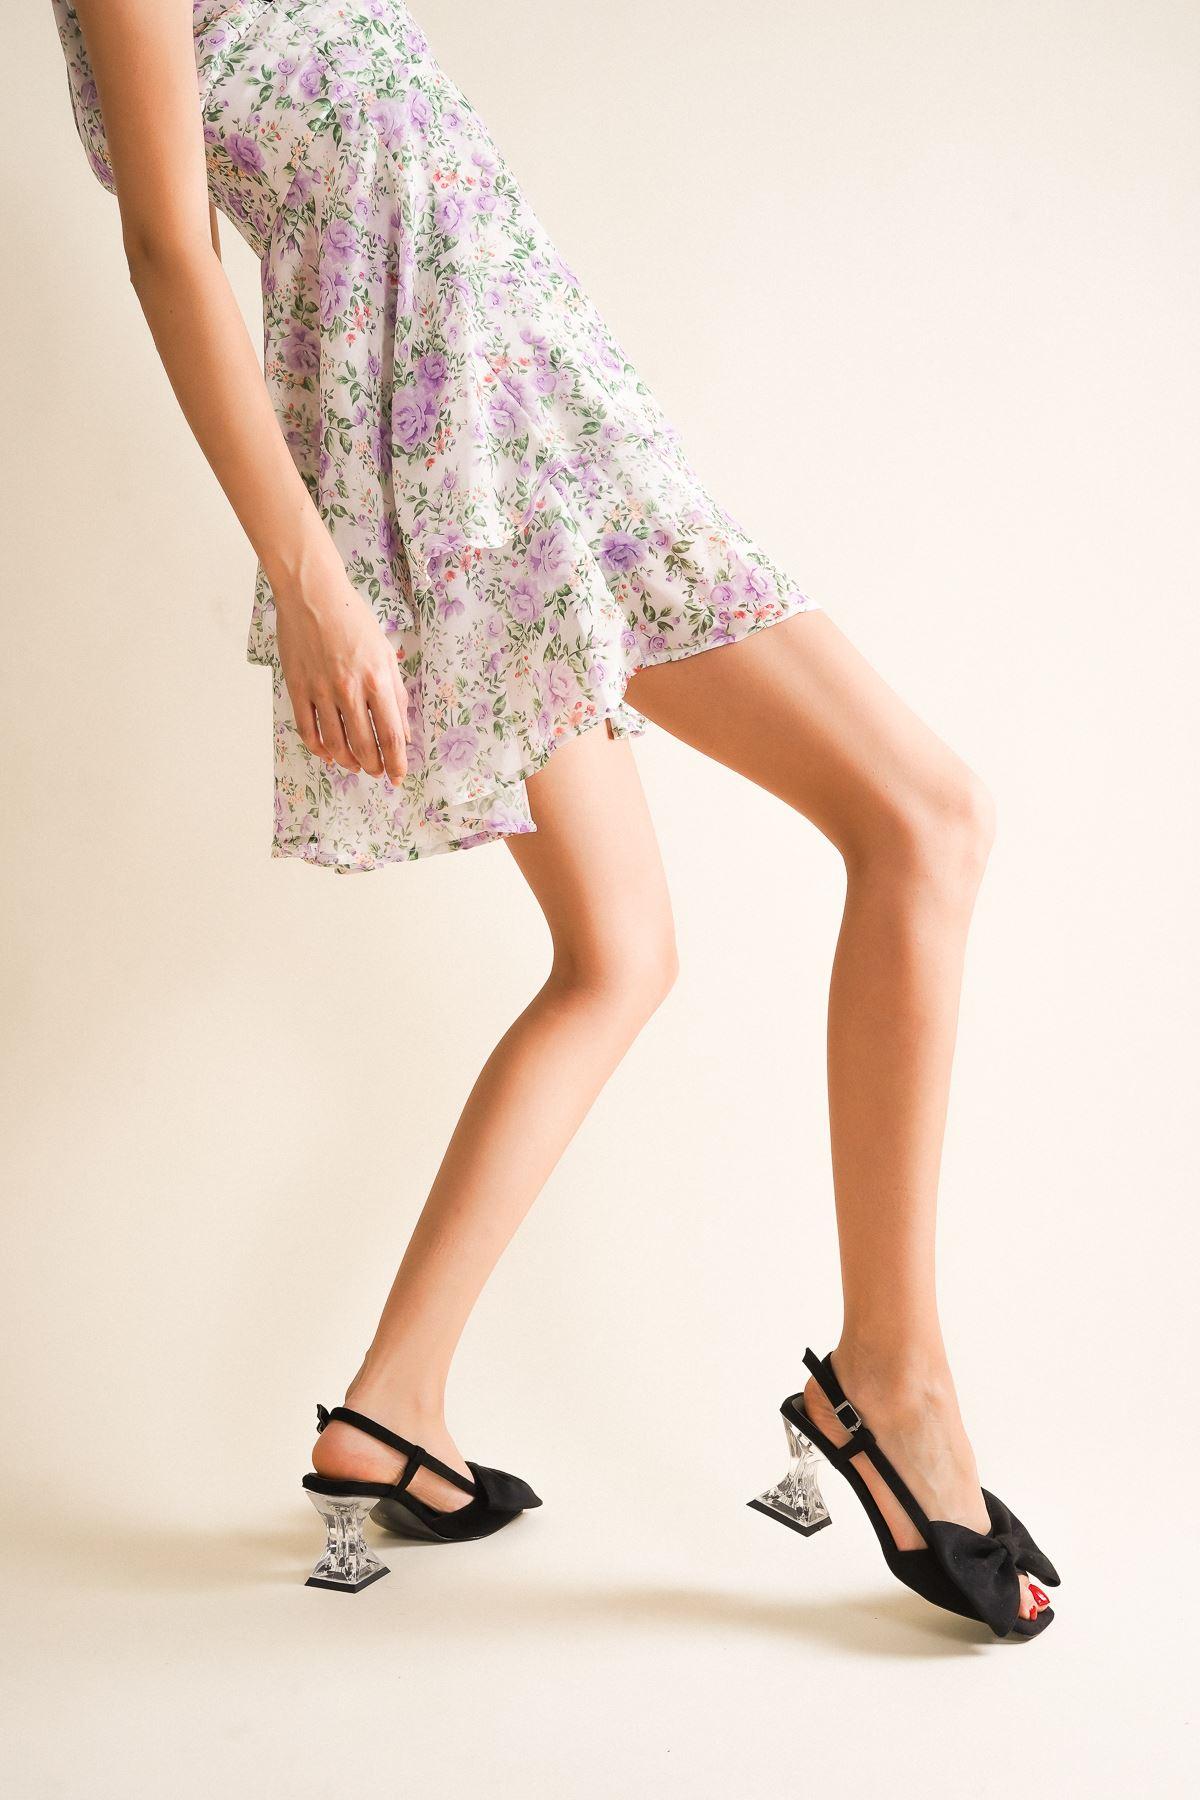 Cloe Siyah Süet Papyonlu Şeffaf Kadın Topuklu Ayakkabı